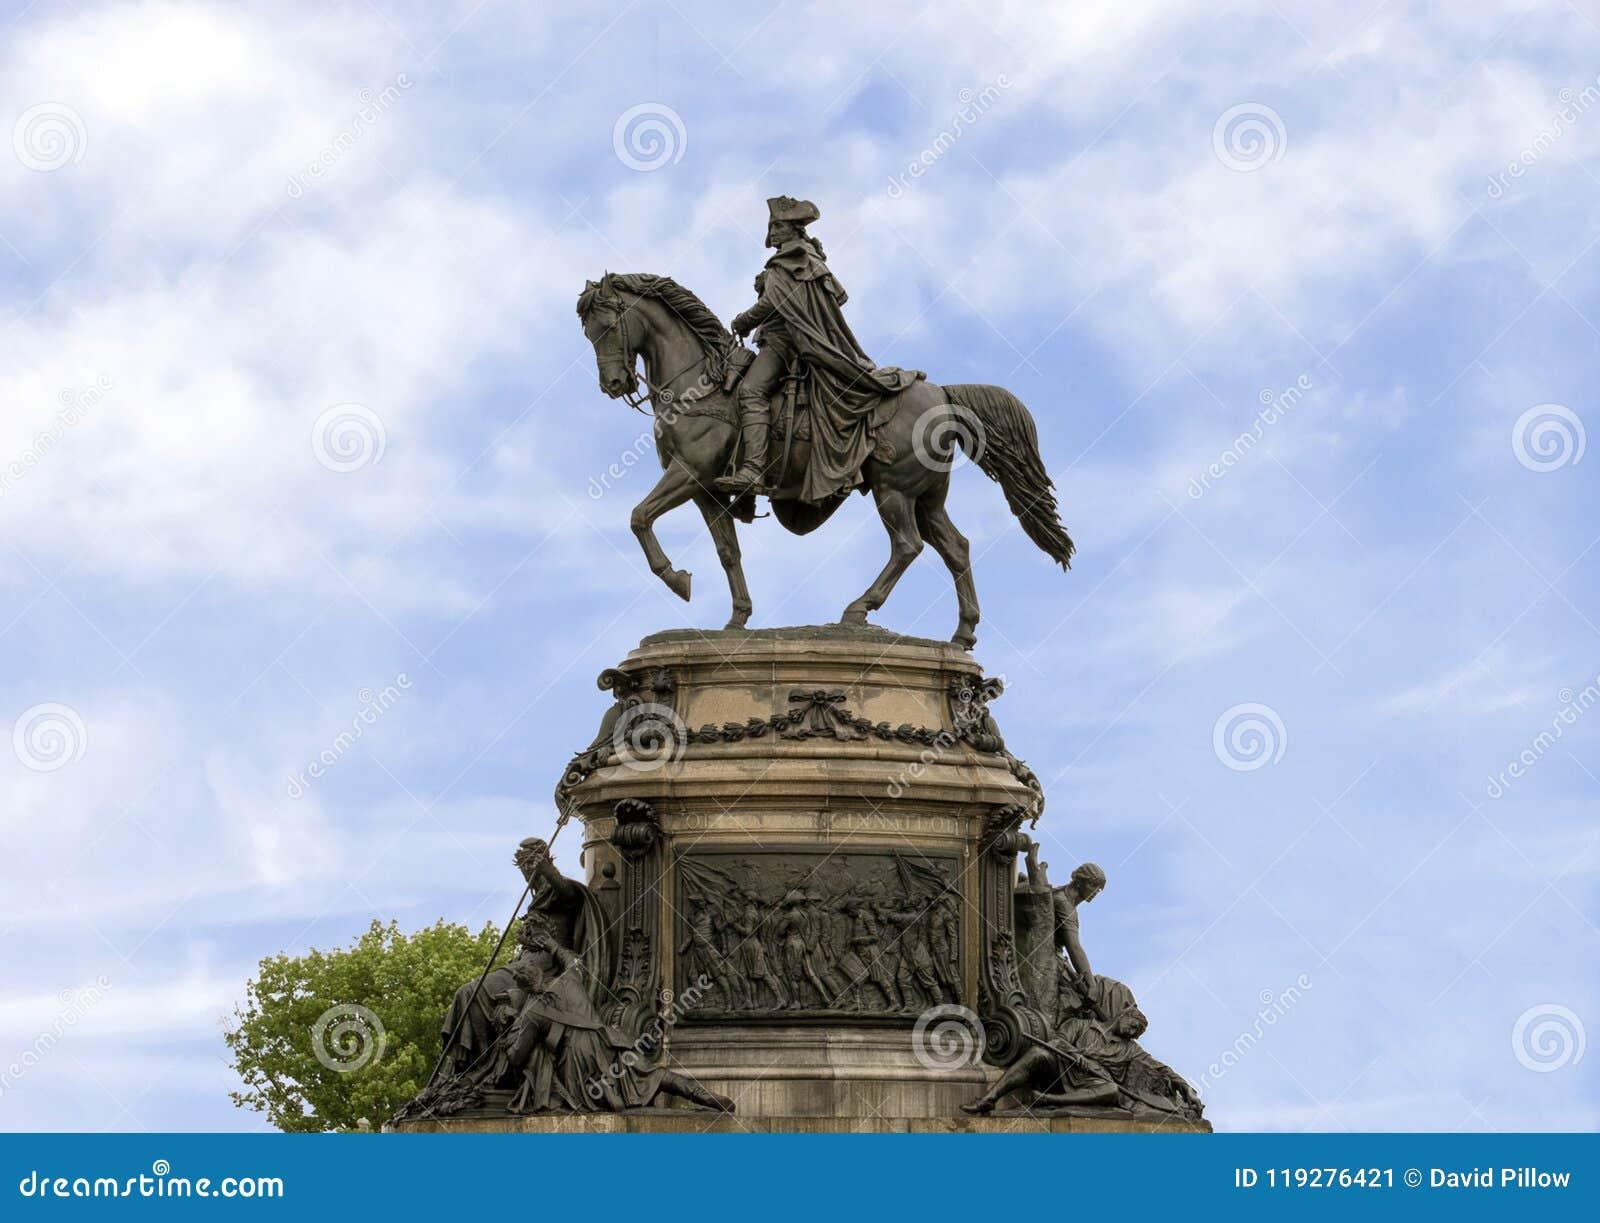 Μνημείο της Ουάσιγκτον από το Rudolf Siemering, Benjamin Franklin Parkway Oval Eakins, Φιλαδέλφεια, Πενσυλβανία